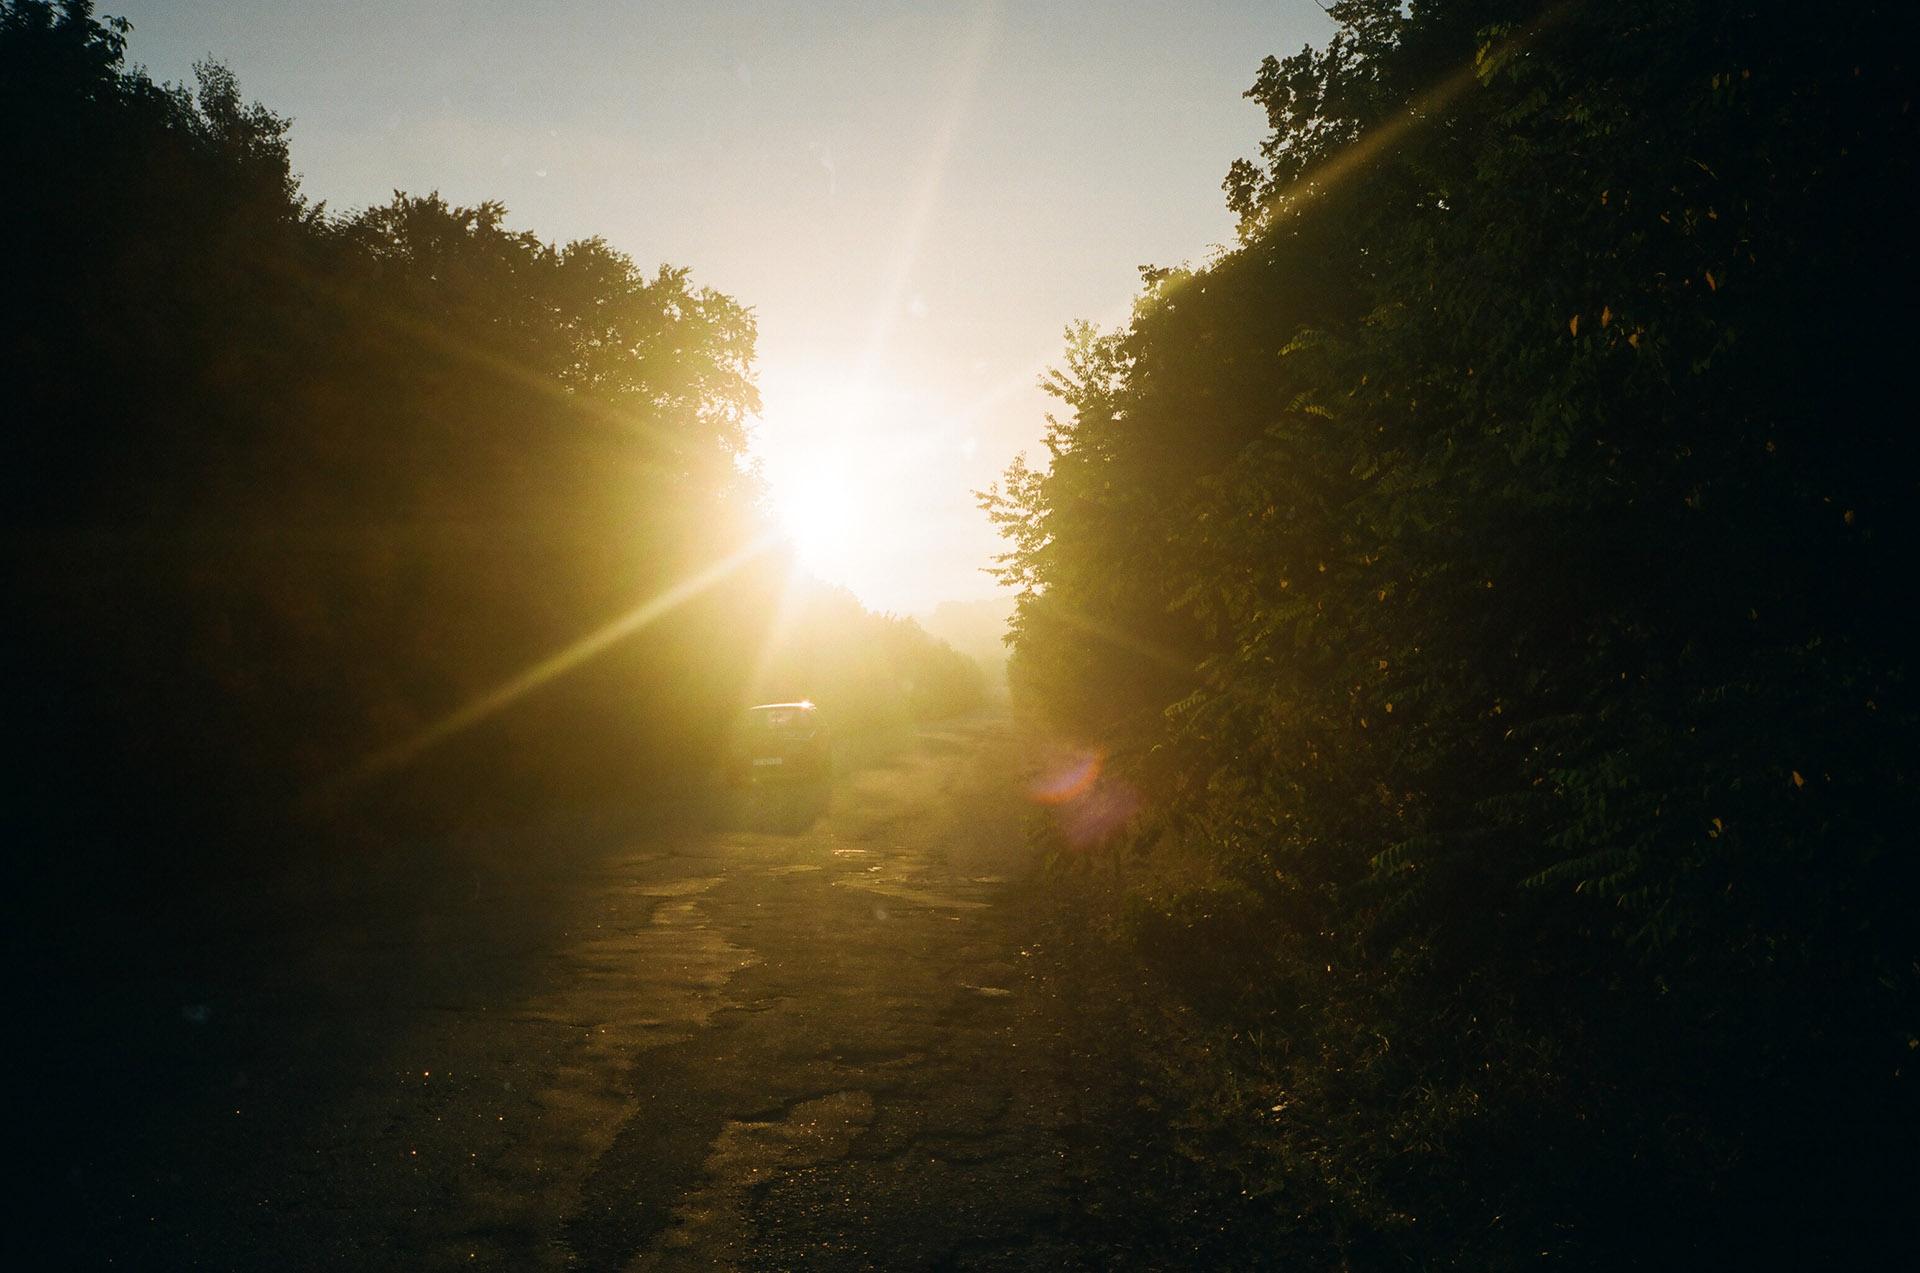 Чоловік із заходом сонця на задньому плані